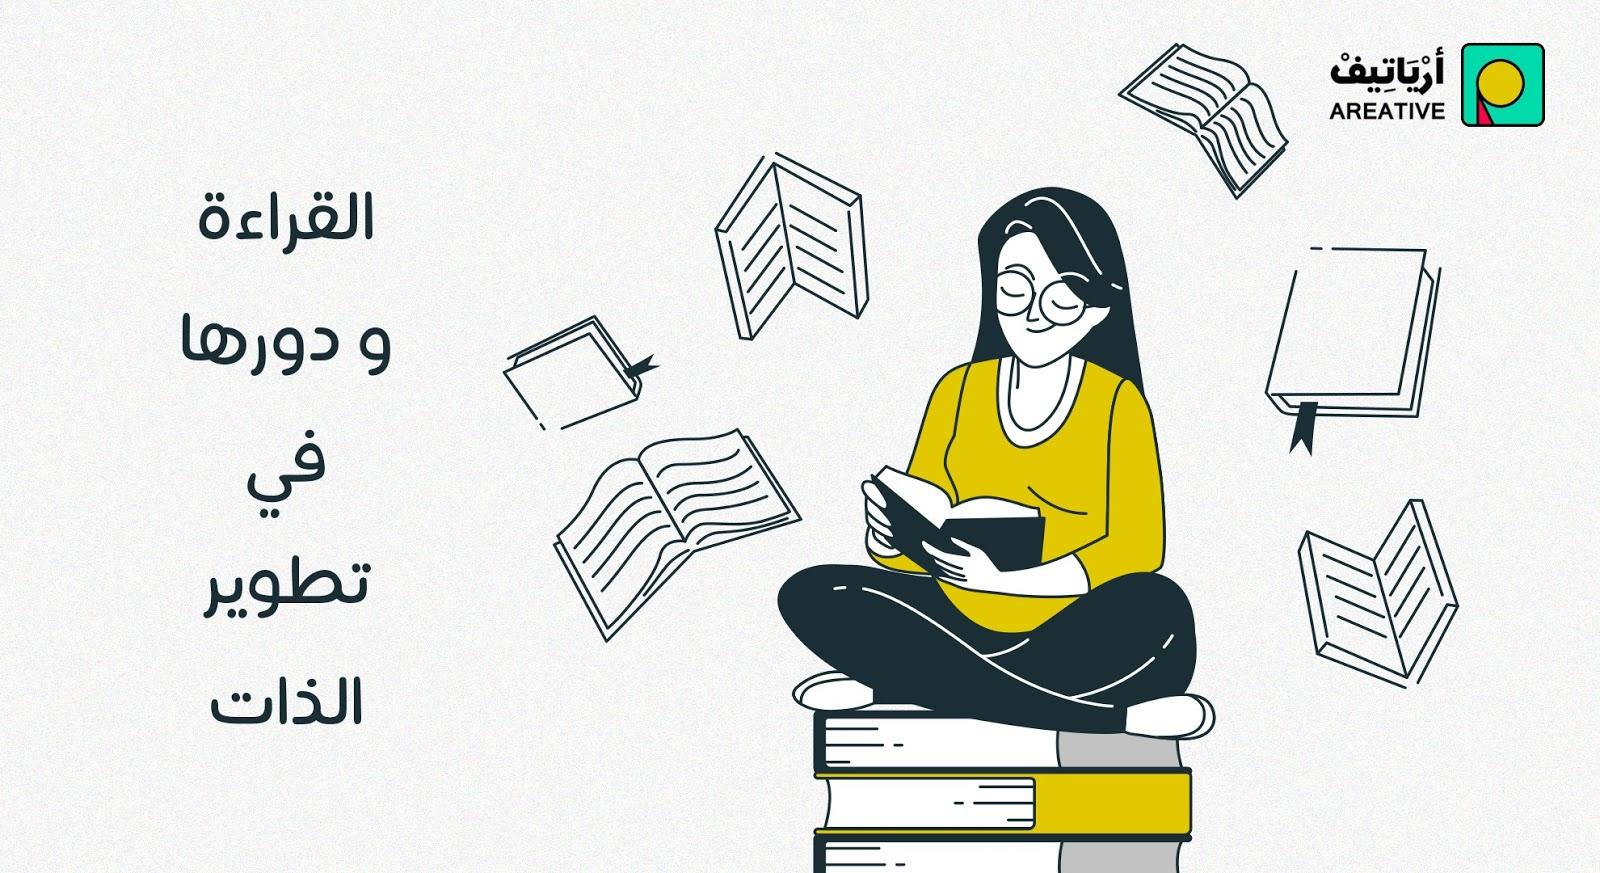 لماذا نقرأ - القراءة ودورها في تطوير الذات